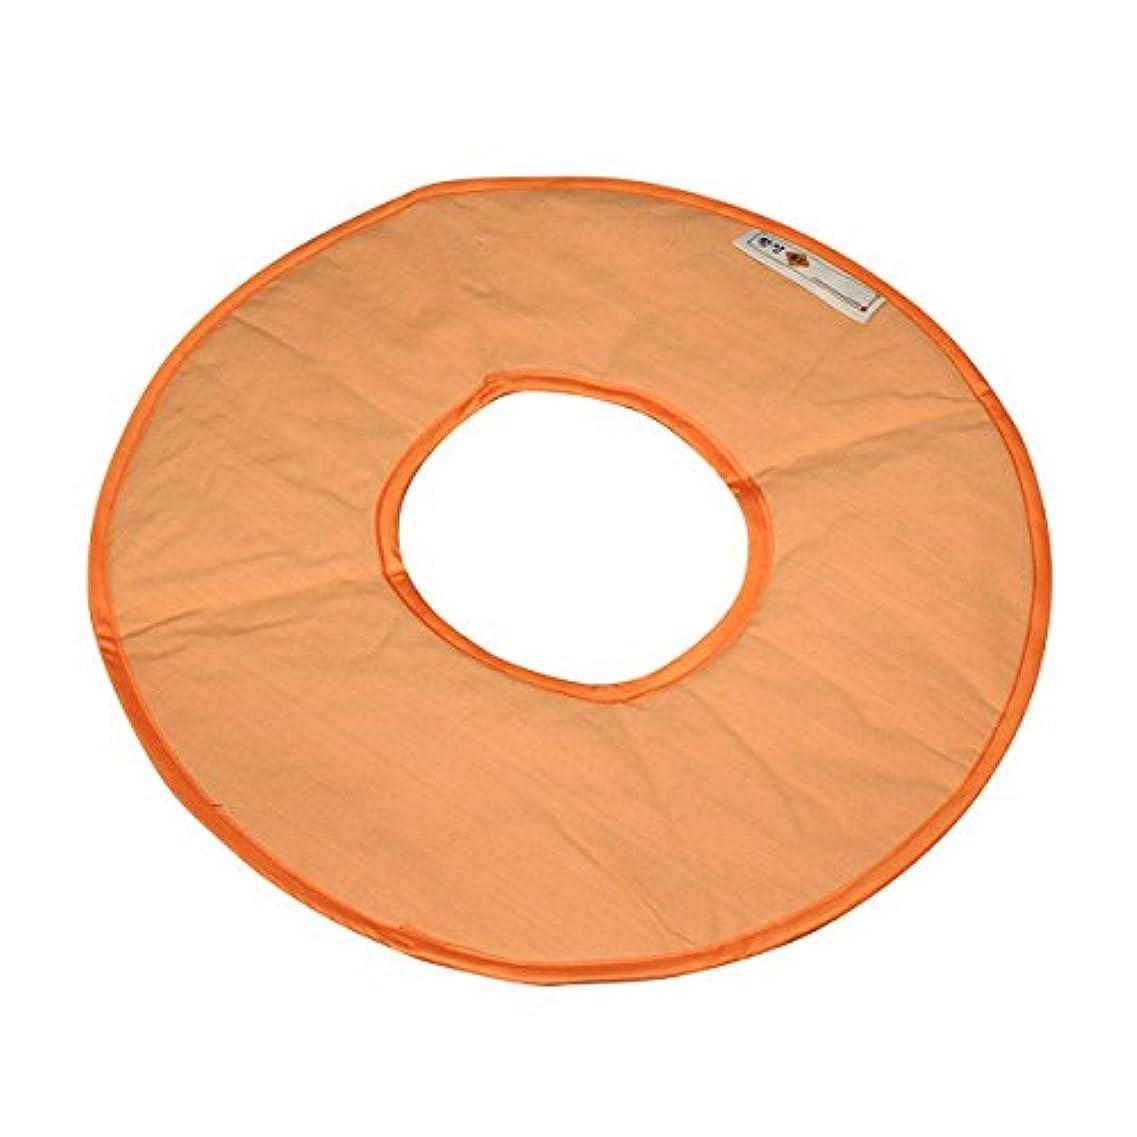 大声で膜バルクファンジン黄土座浴器 韓国よもぎ蒸し 黄土座浴専用座布団 正規品